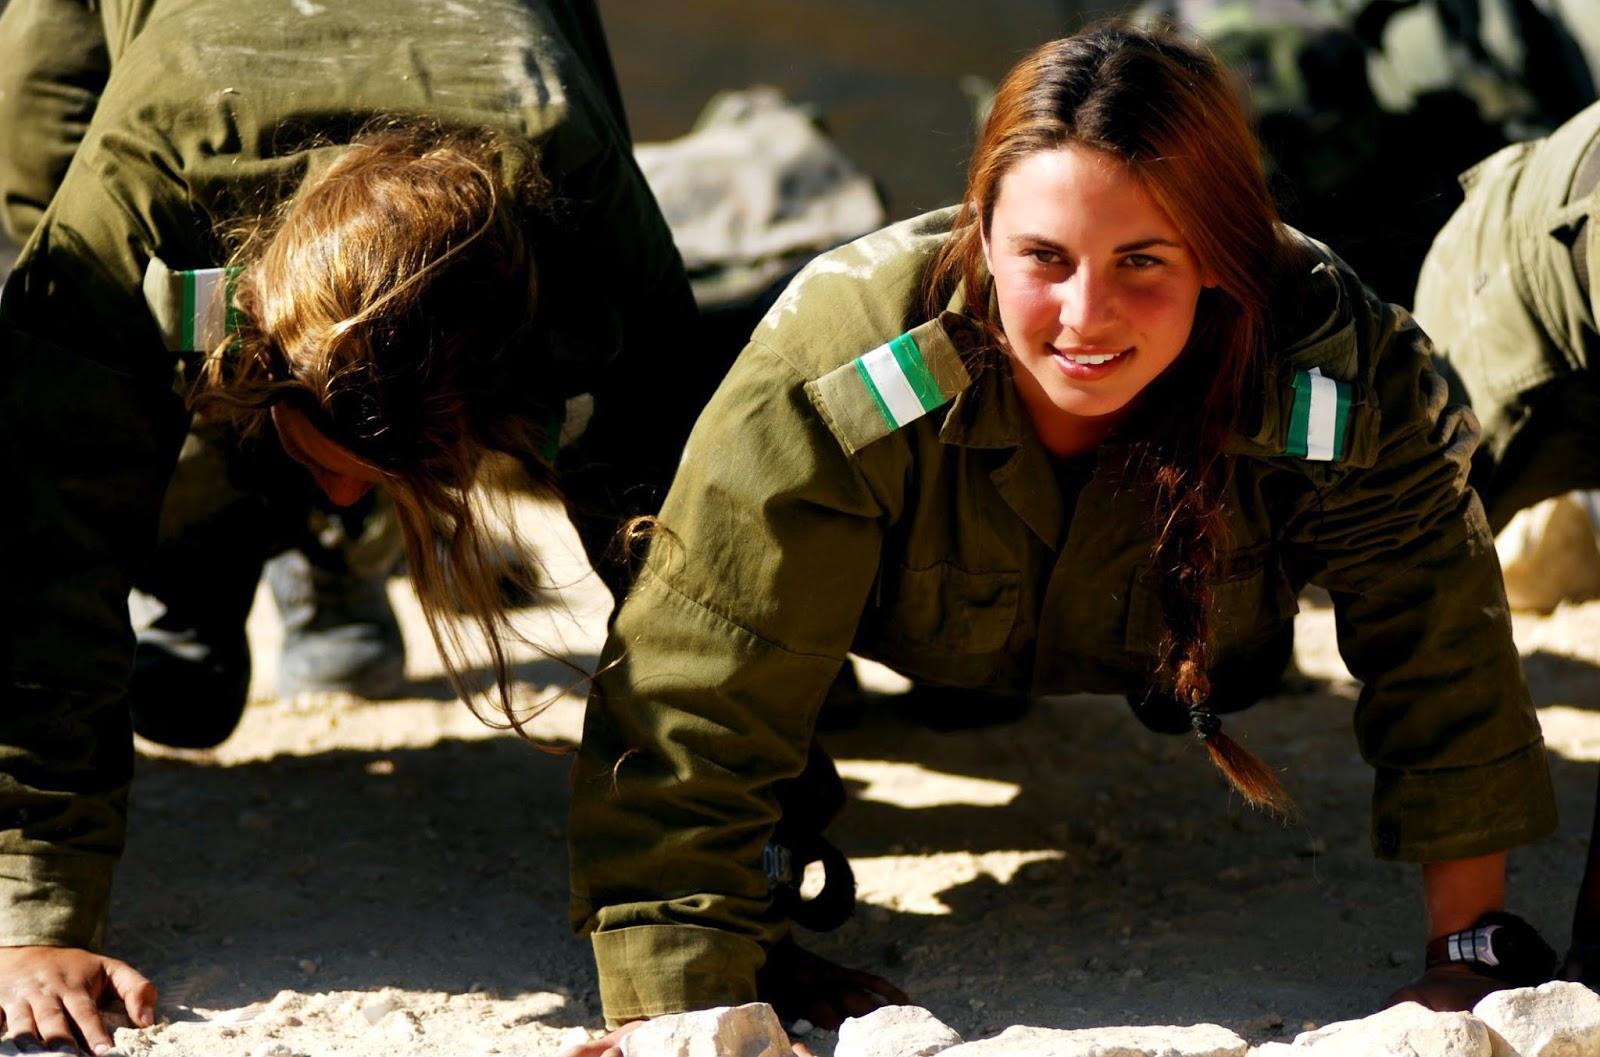 Смотреть секс израильский, Израиль порно - видео Yo-Sex 2 фотография